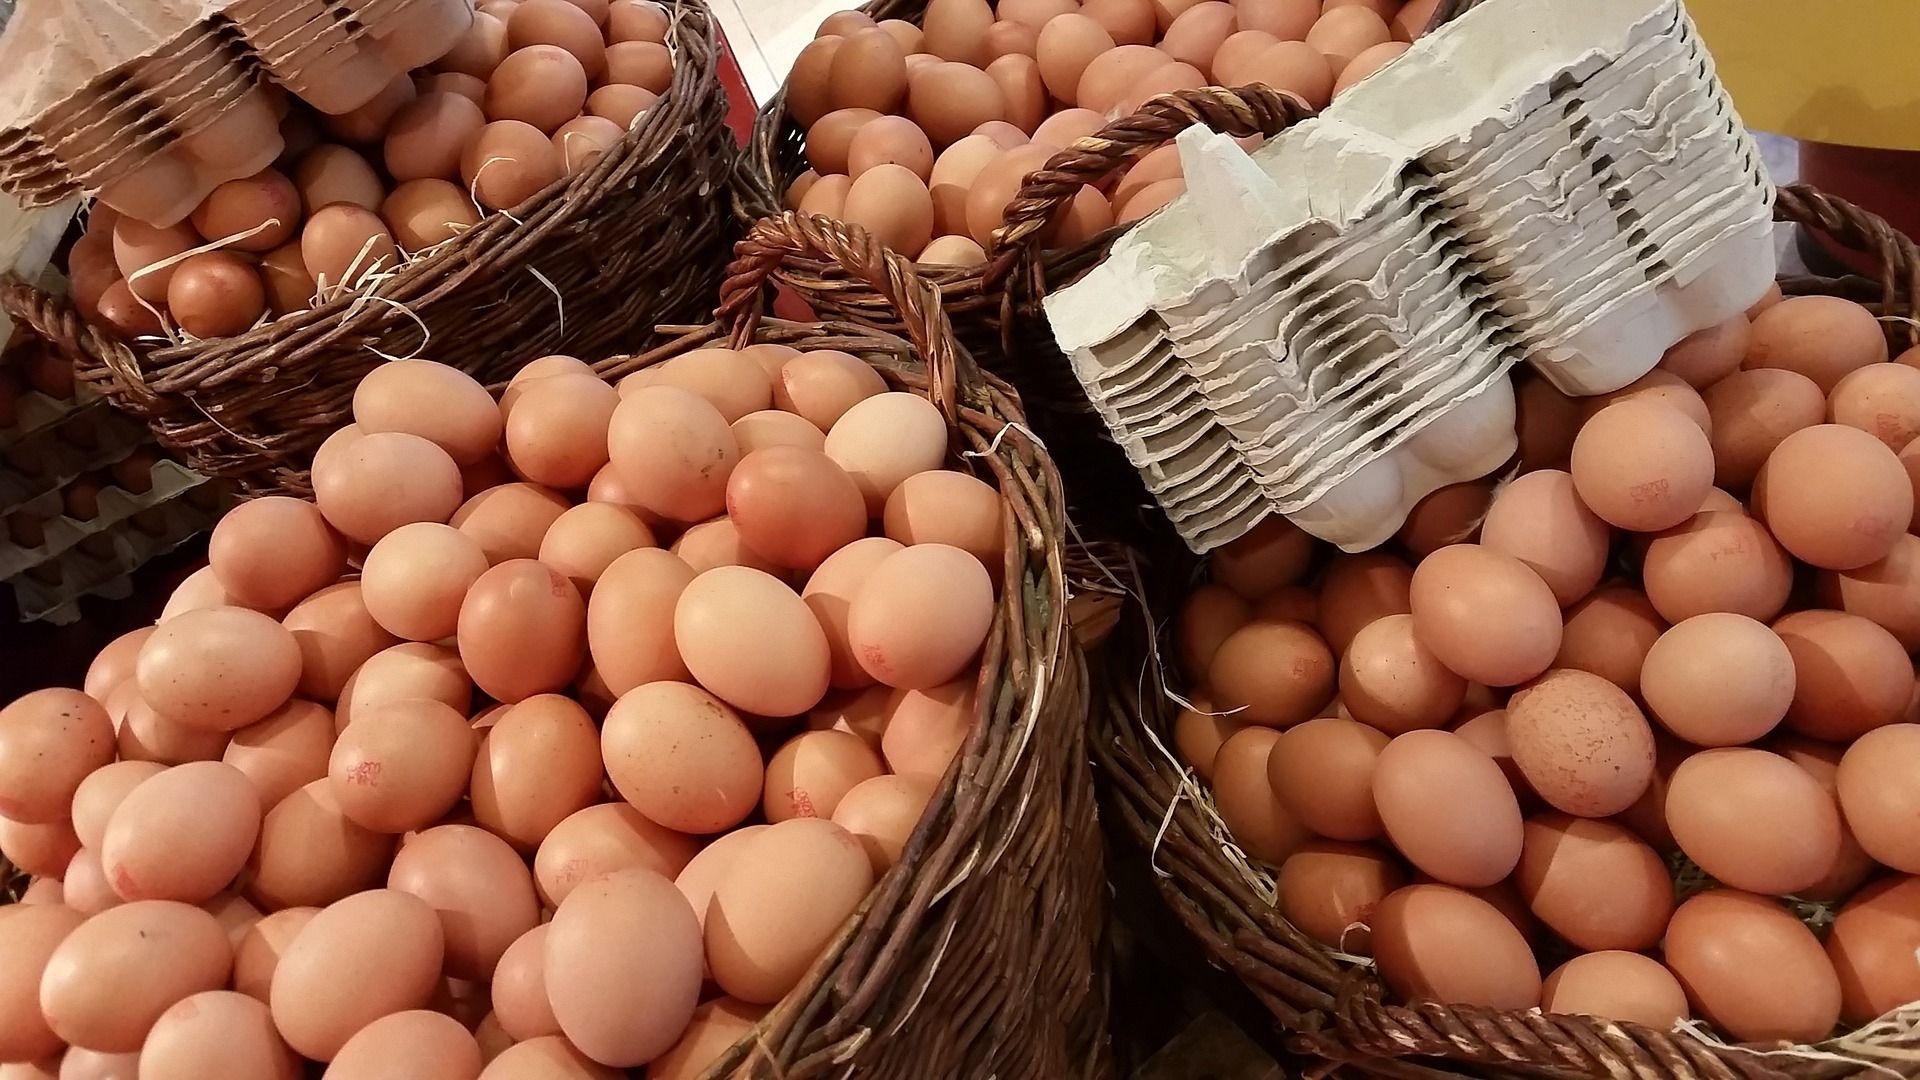 Kreative Dinge mit Eierkartons herstellen - 5 DIY Ideen, perfekt für ...